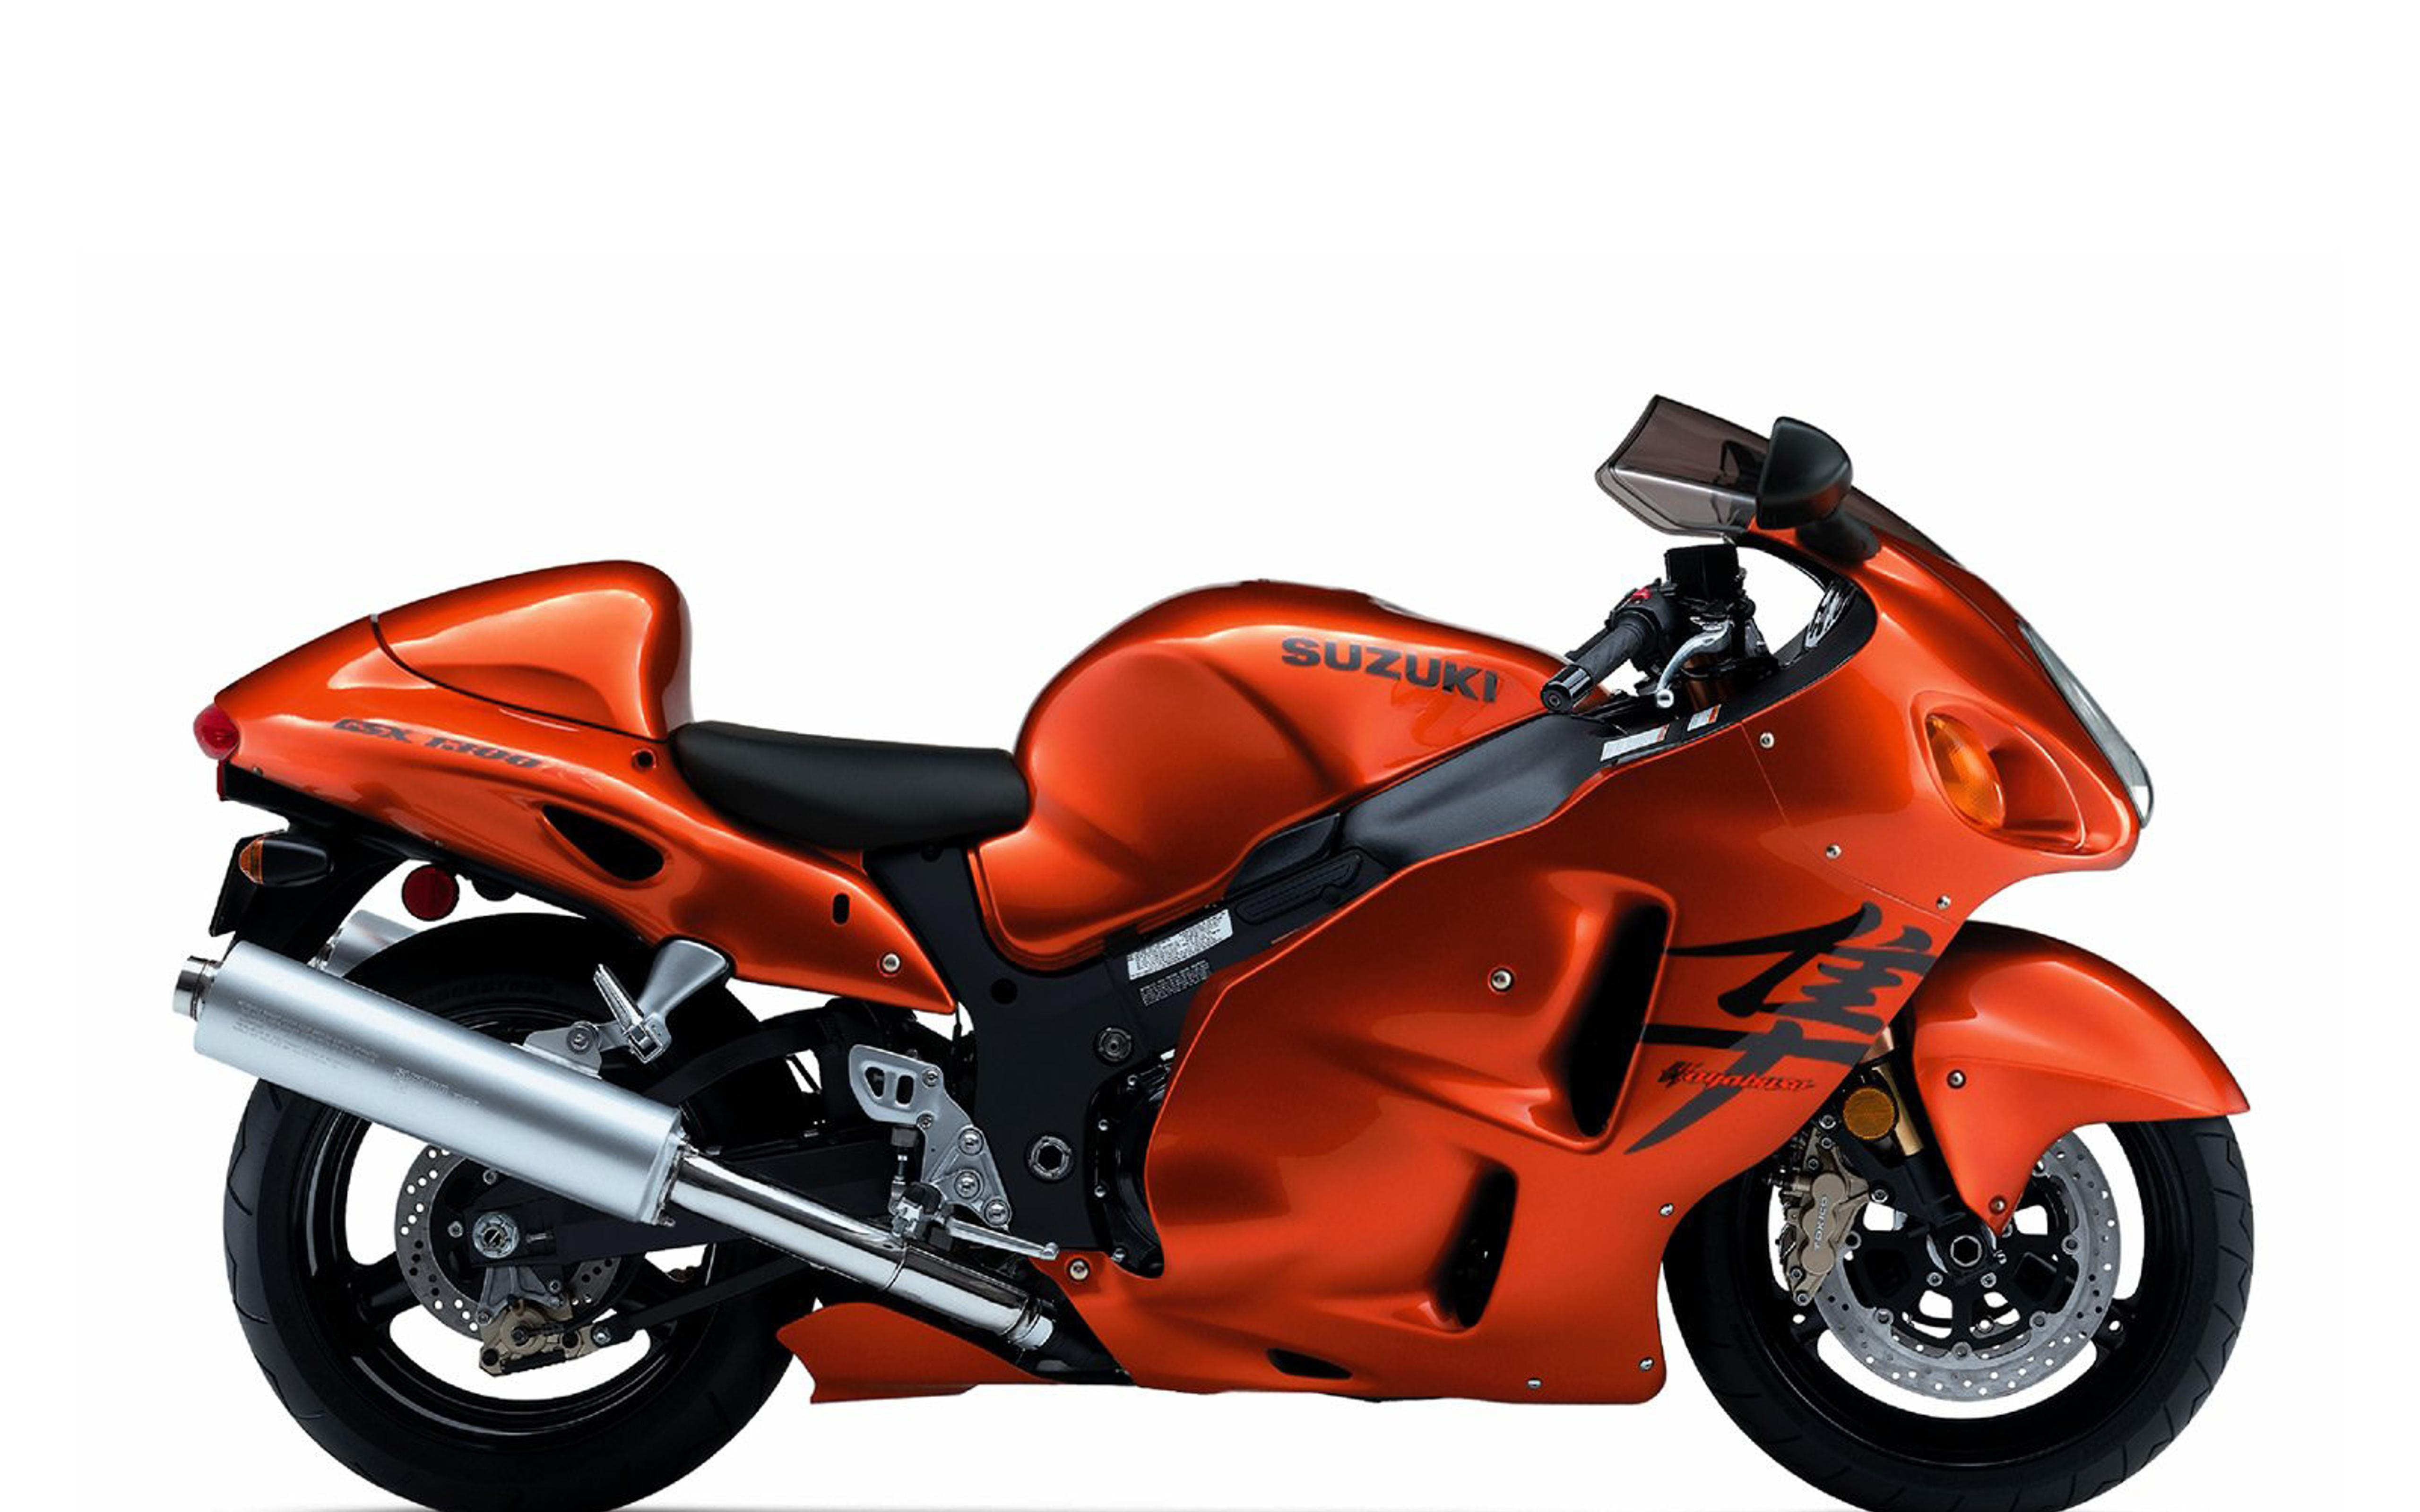 Orange Suzuki GSX 1300 R Hayabusa Motorcycle Wallpaper Download 5120x3200